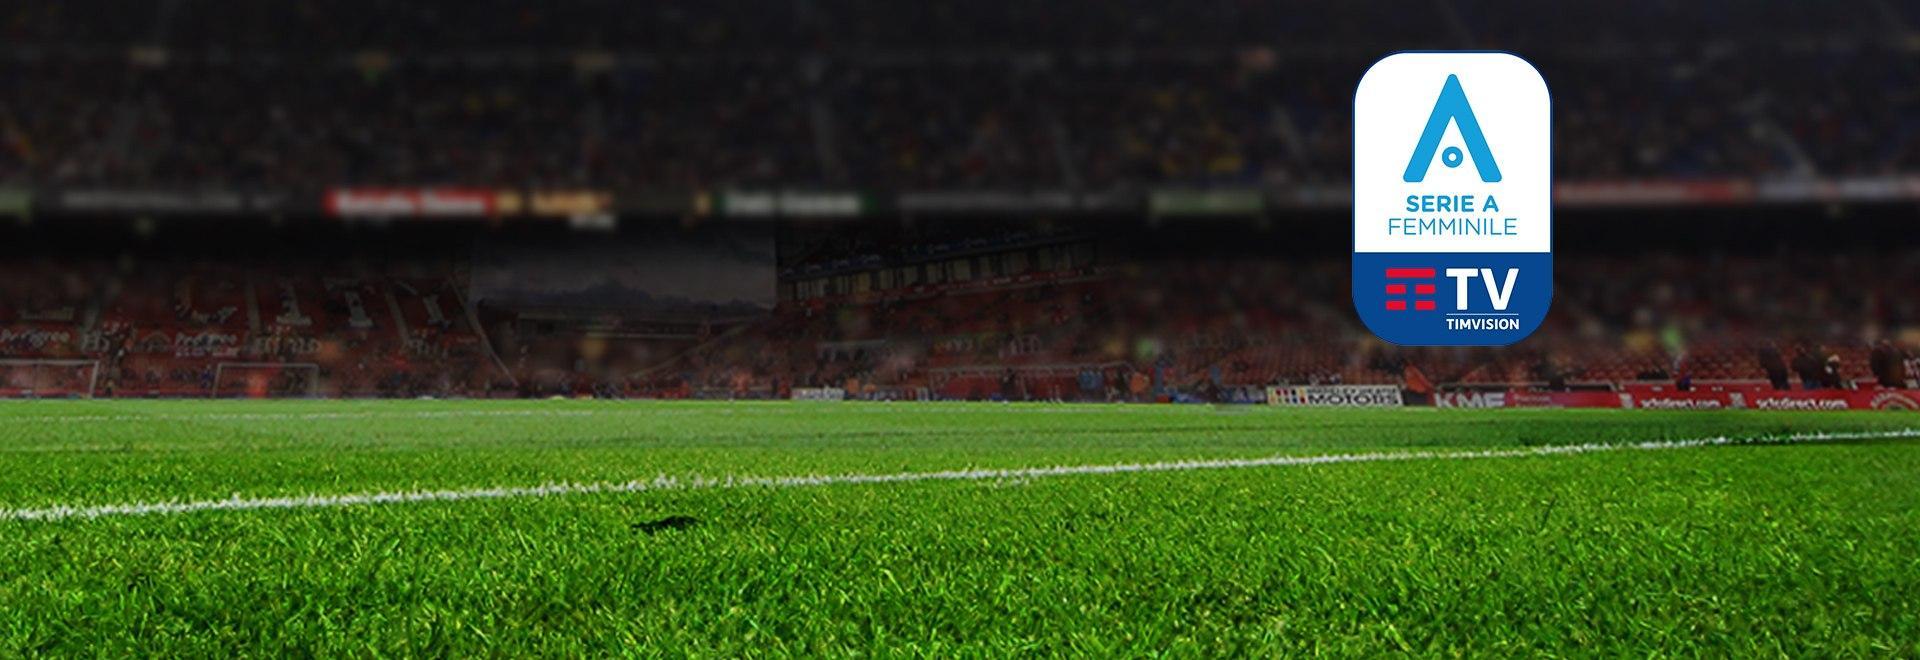 Juventus - Inter. 22a g.